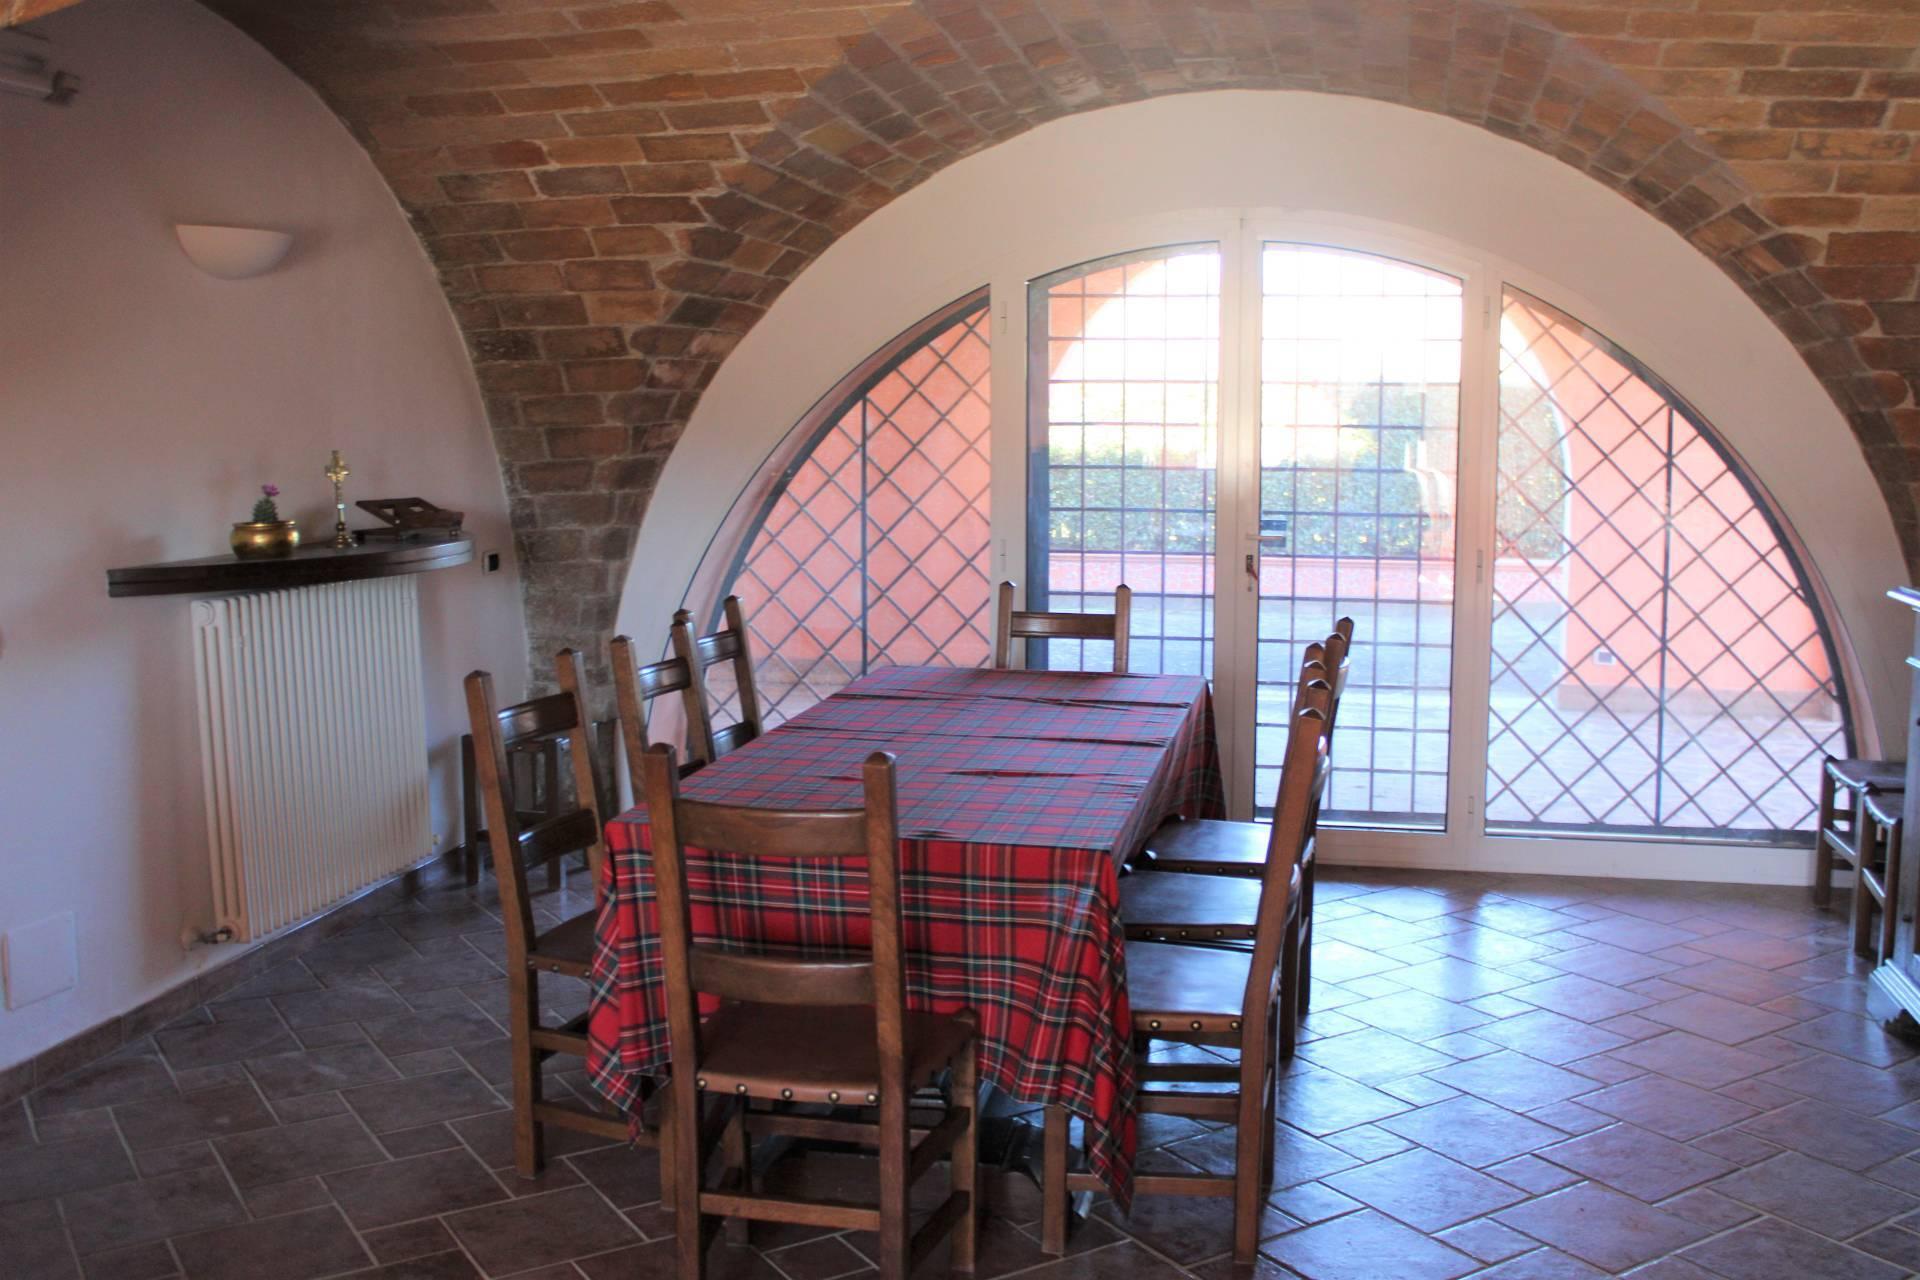 Appartamento in vendita a Folignano, 5 locali, zona Località: PianediMorro, prezzo € 200.000 | PortaleAgenzieImmobiliari.it